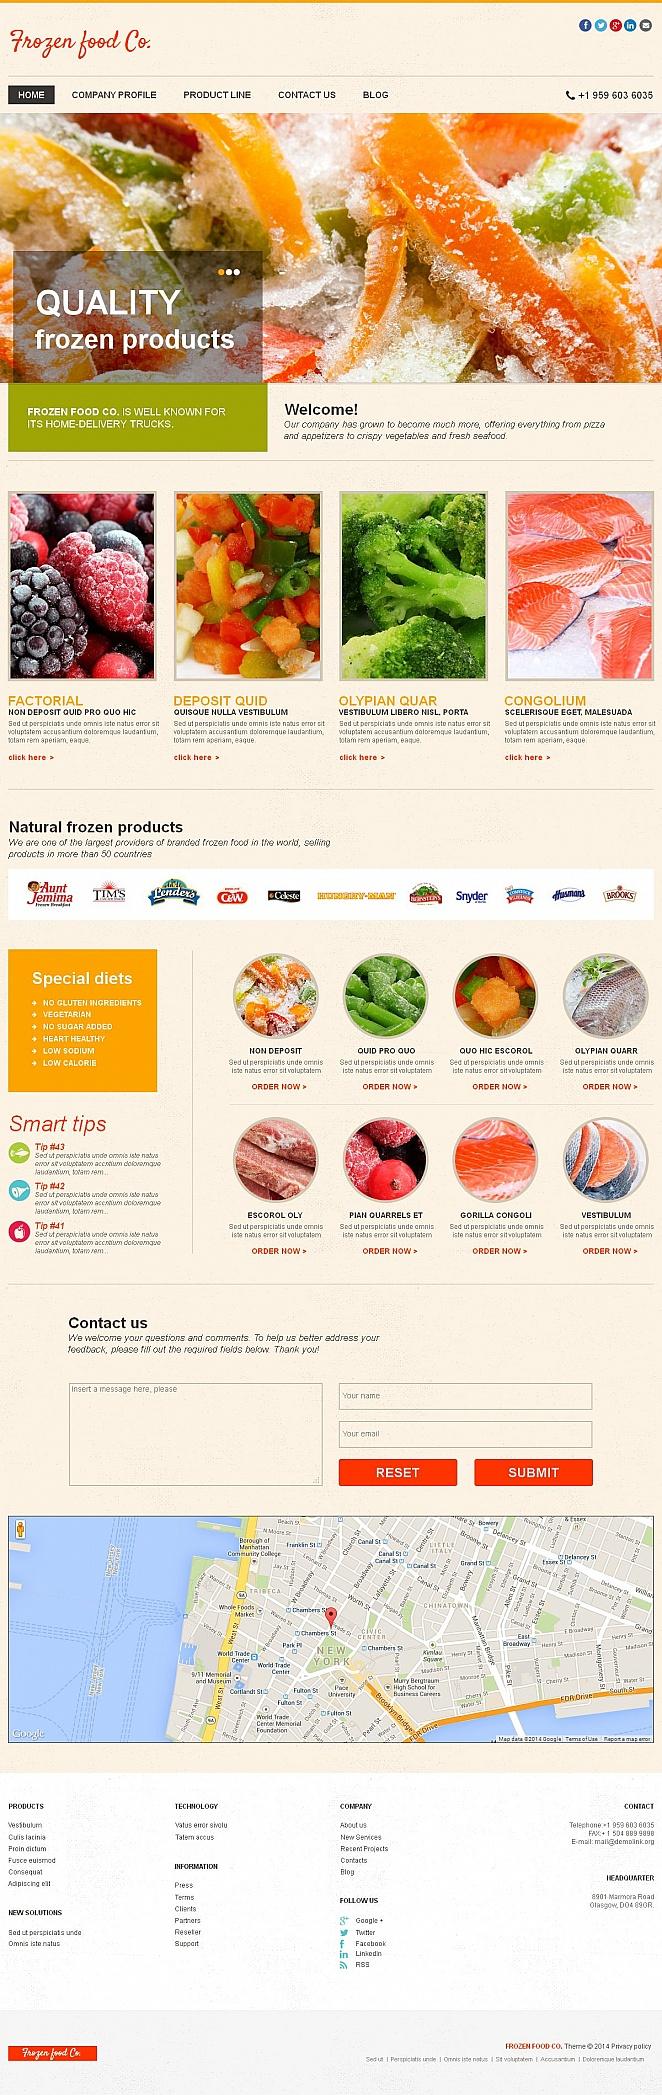 Homepage-Vorlage für die Tiefkühlkost mit dem Bilderslider - image